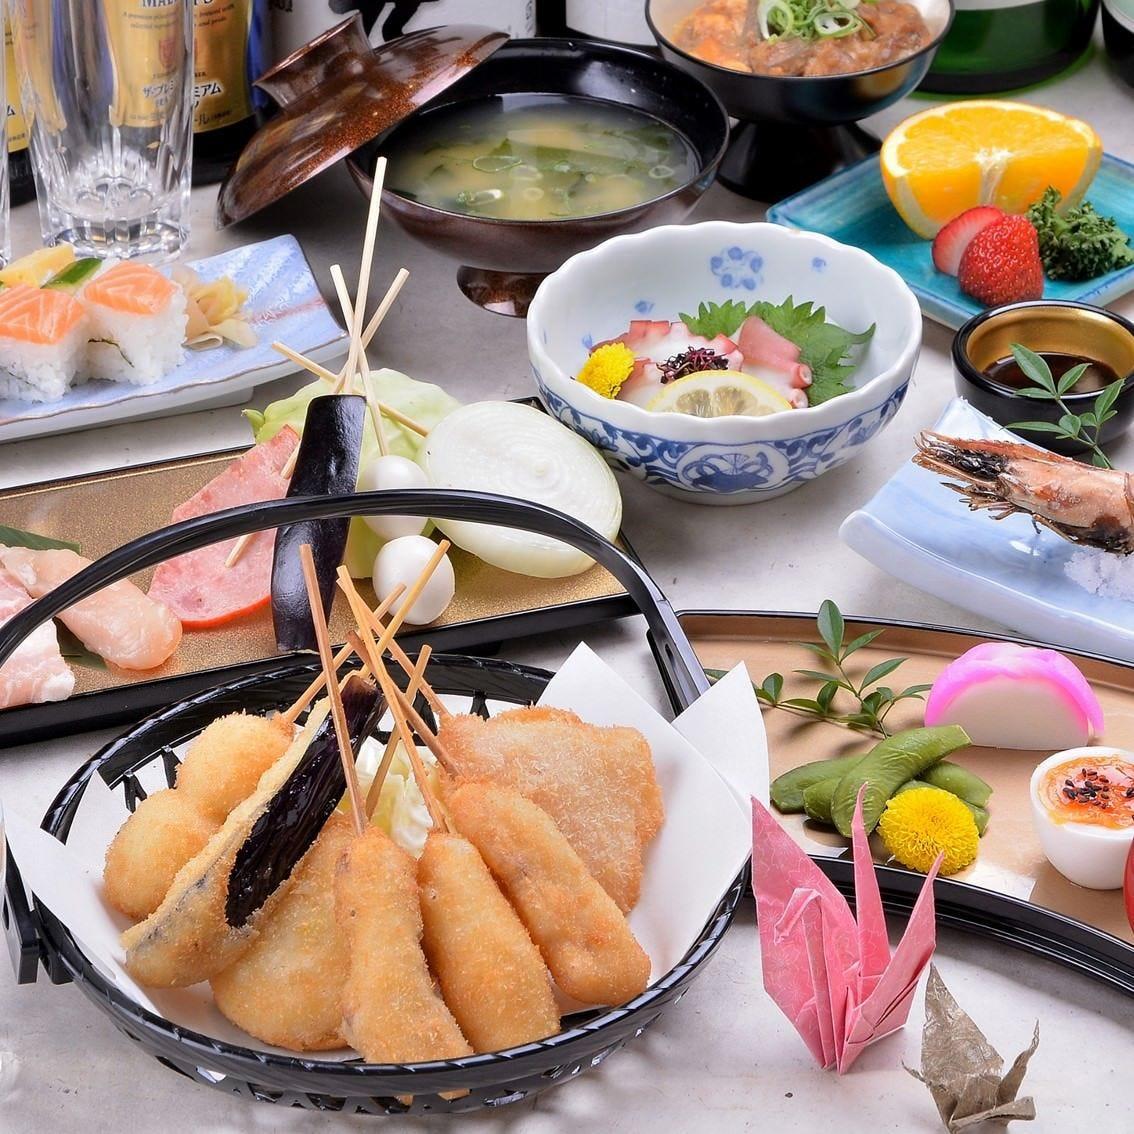 大阪の名物料理が楽しめるプランをご用意。